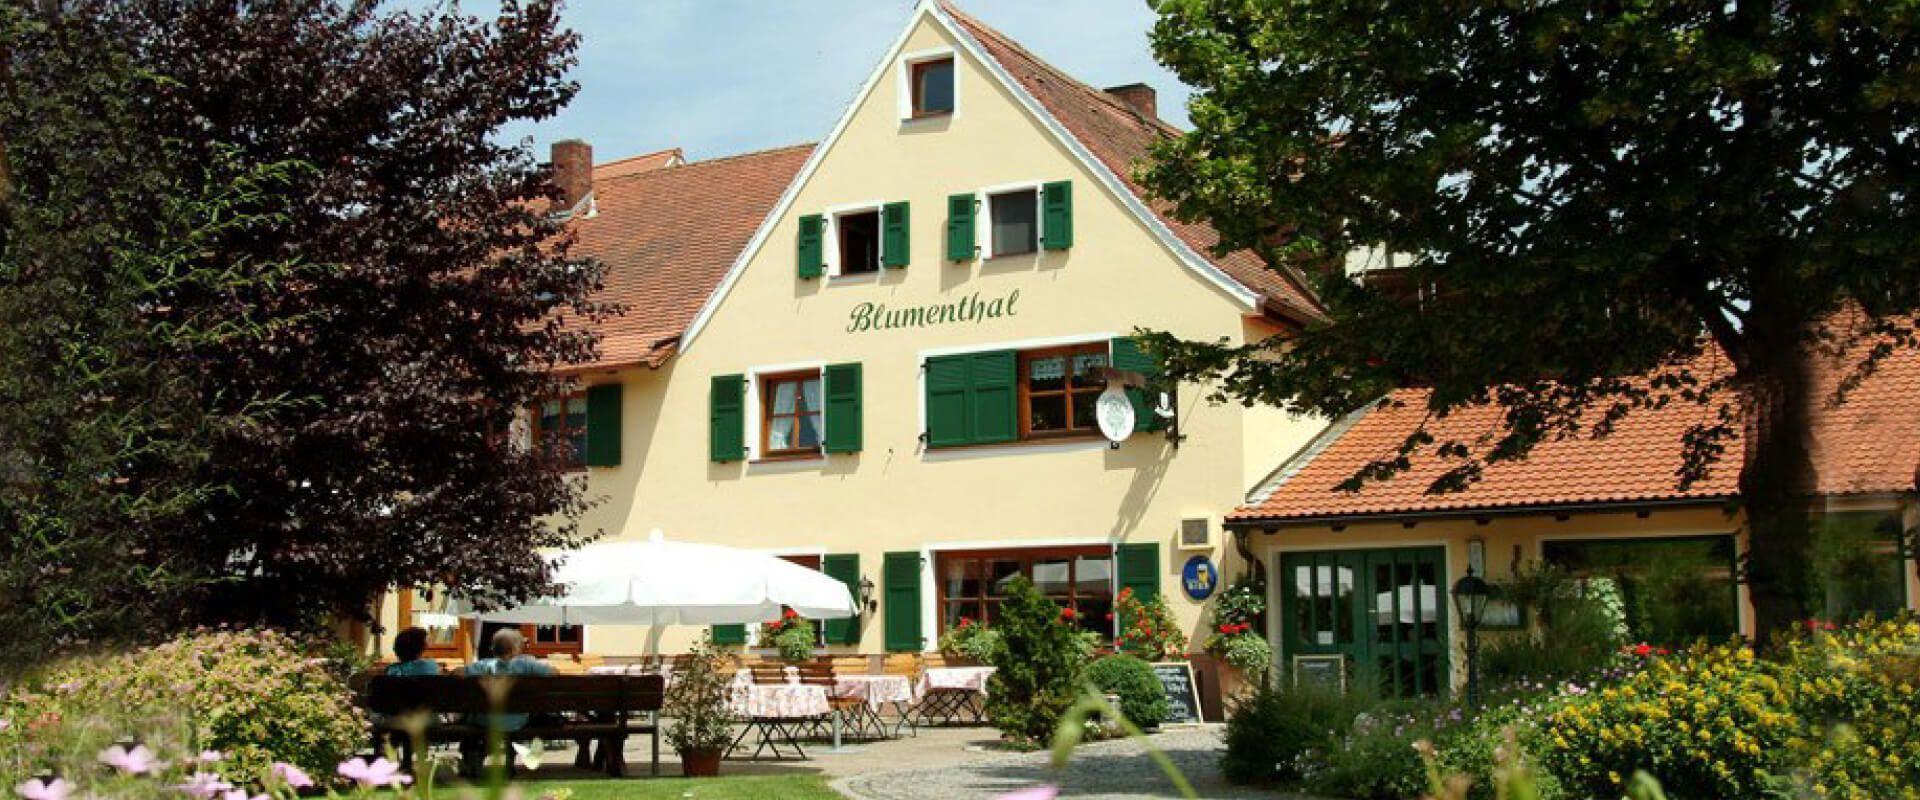 Gasthof Blumenthal